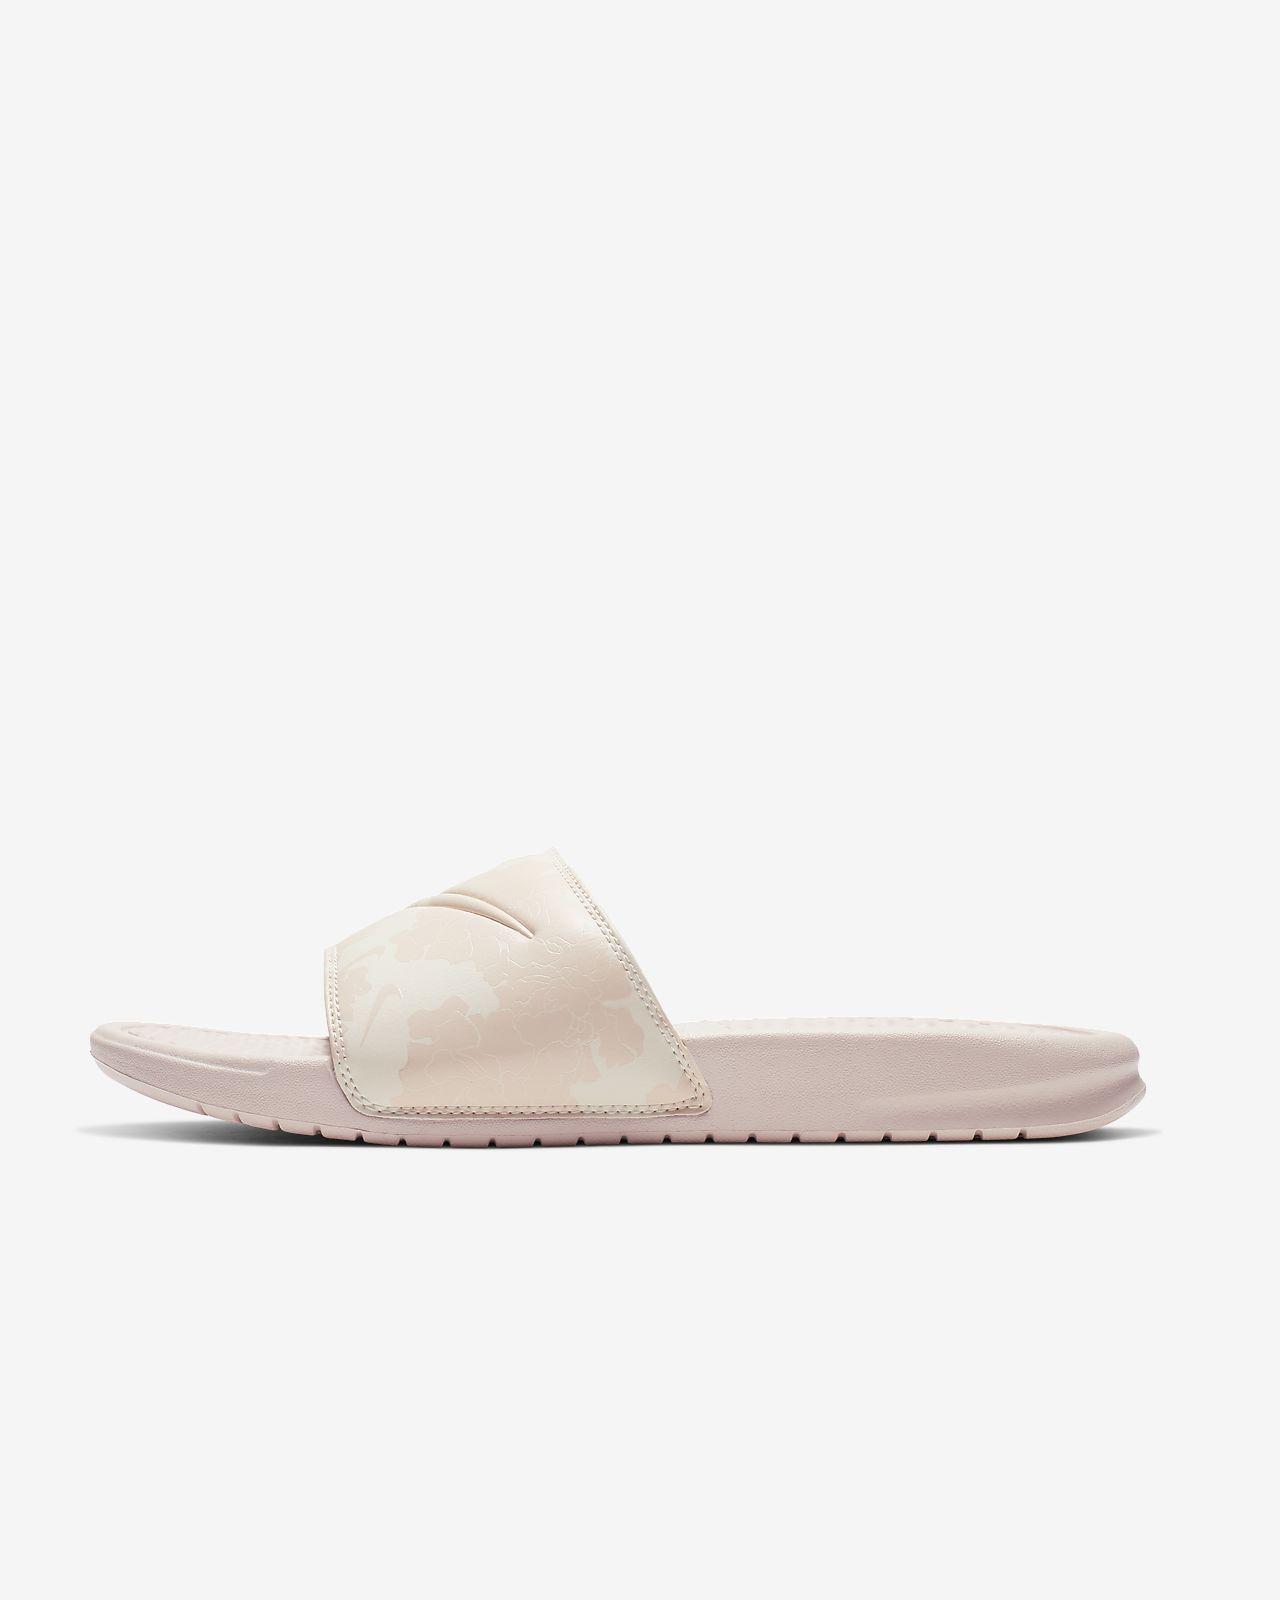 outlet store 6a8de 7c086 ... Badtoffel Nike Benassi JDI Floral för kvinnor